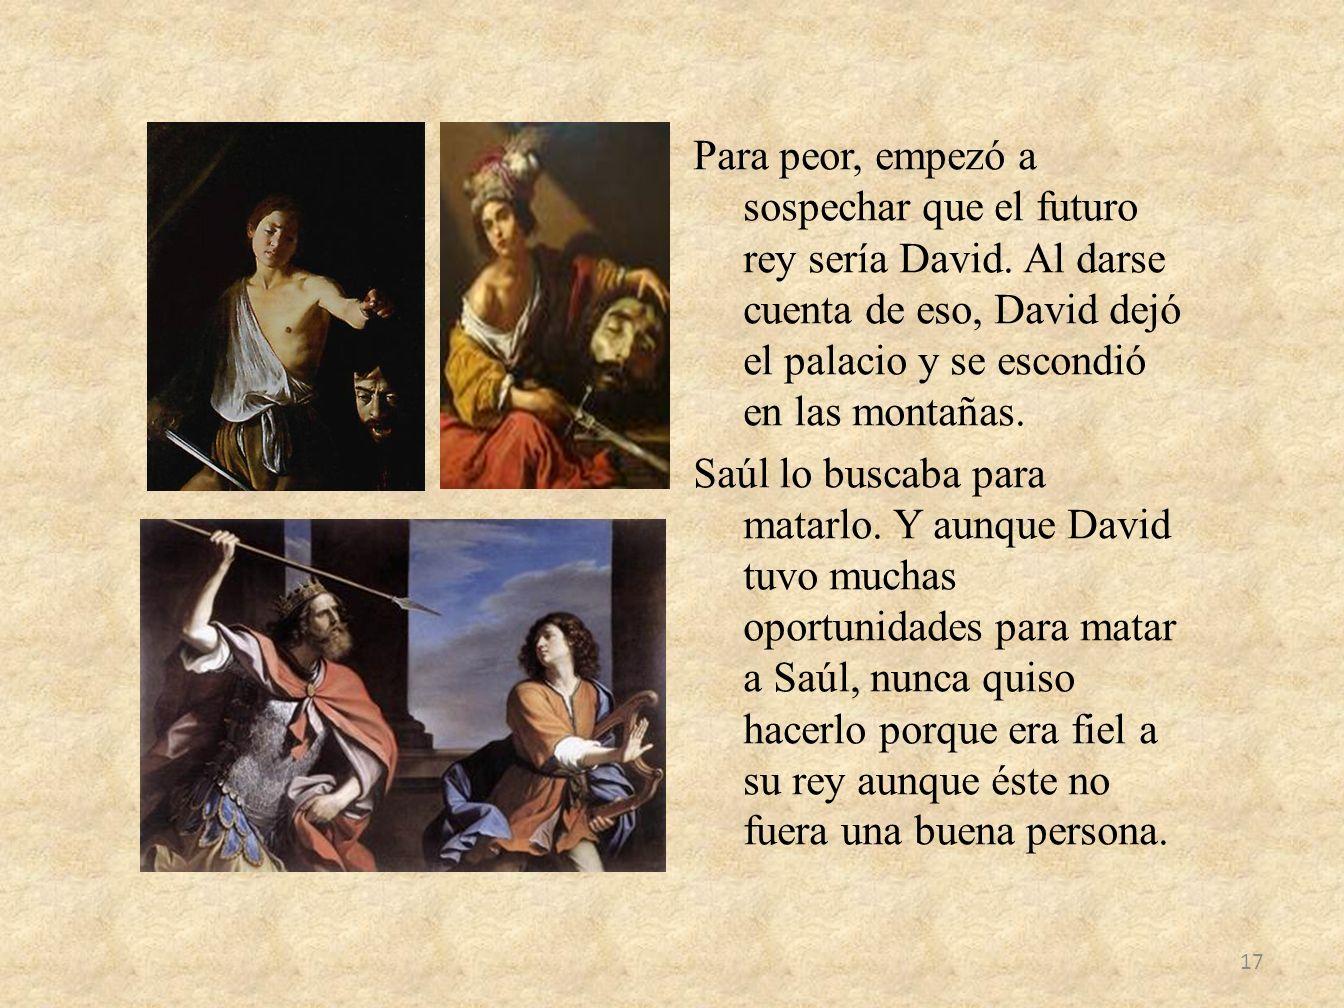 Para peor, empezó a sospechar que el futuro rey sería David